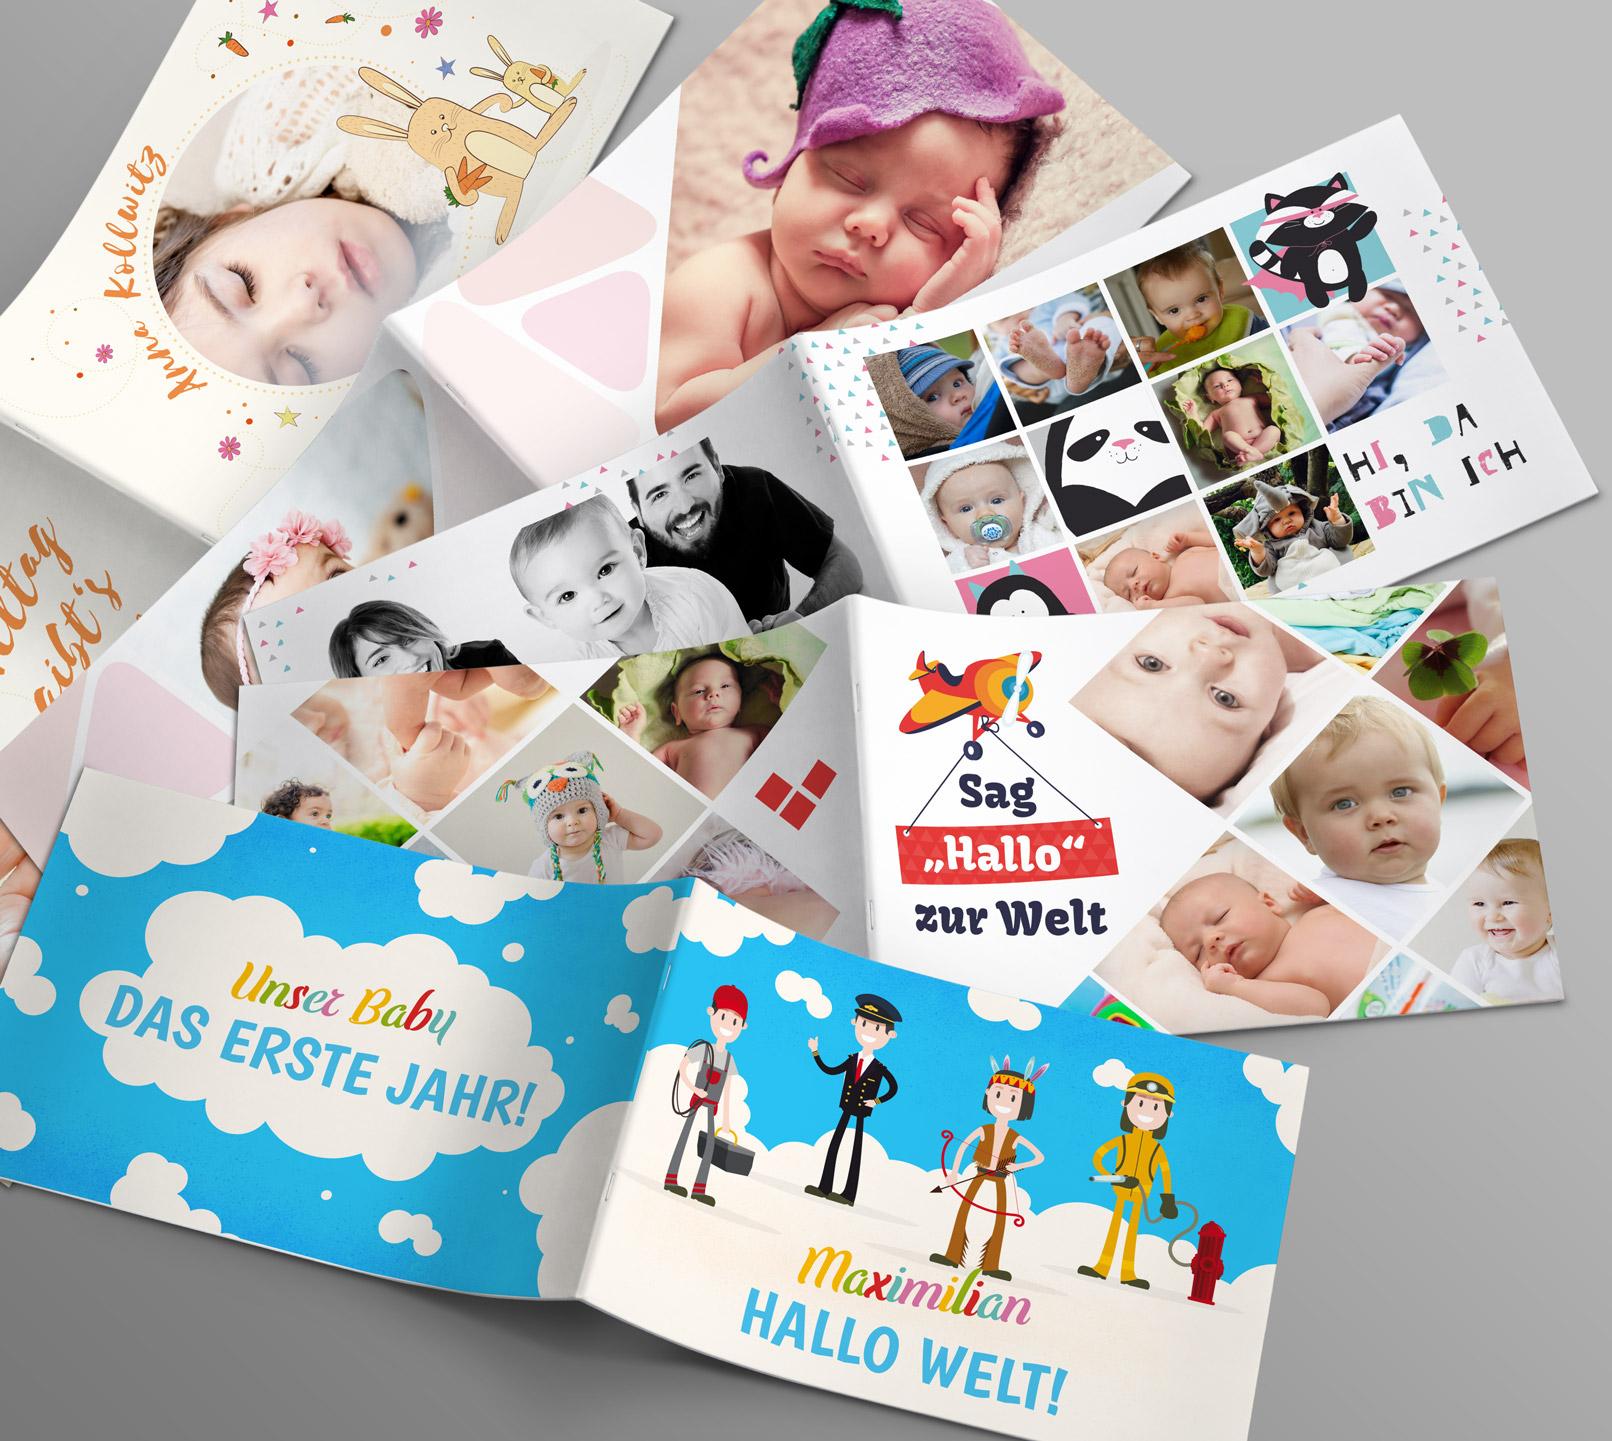 Vorlagen für Babyfotoalben im DIN A4-Querformat